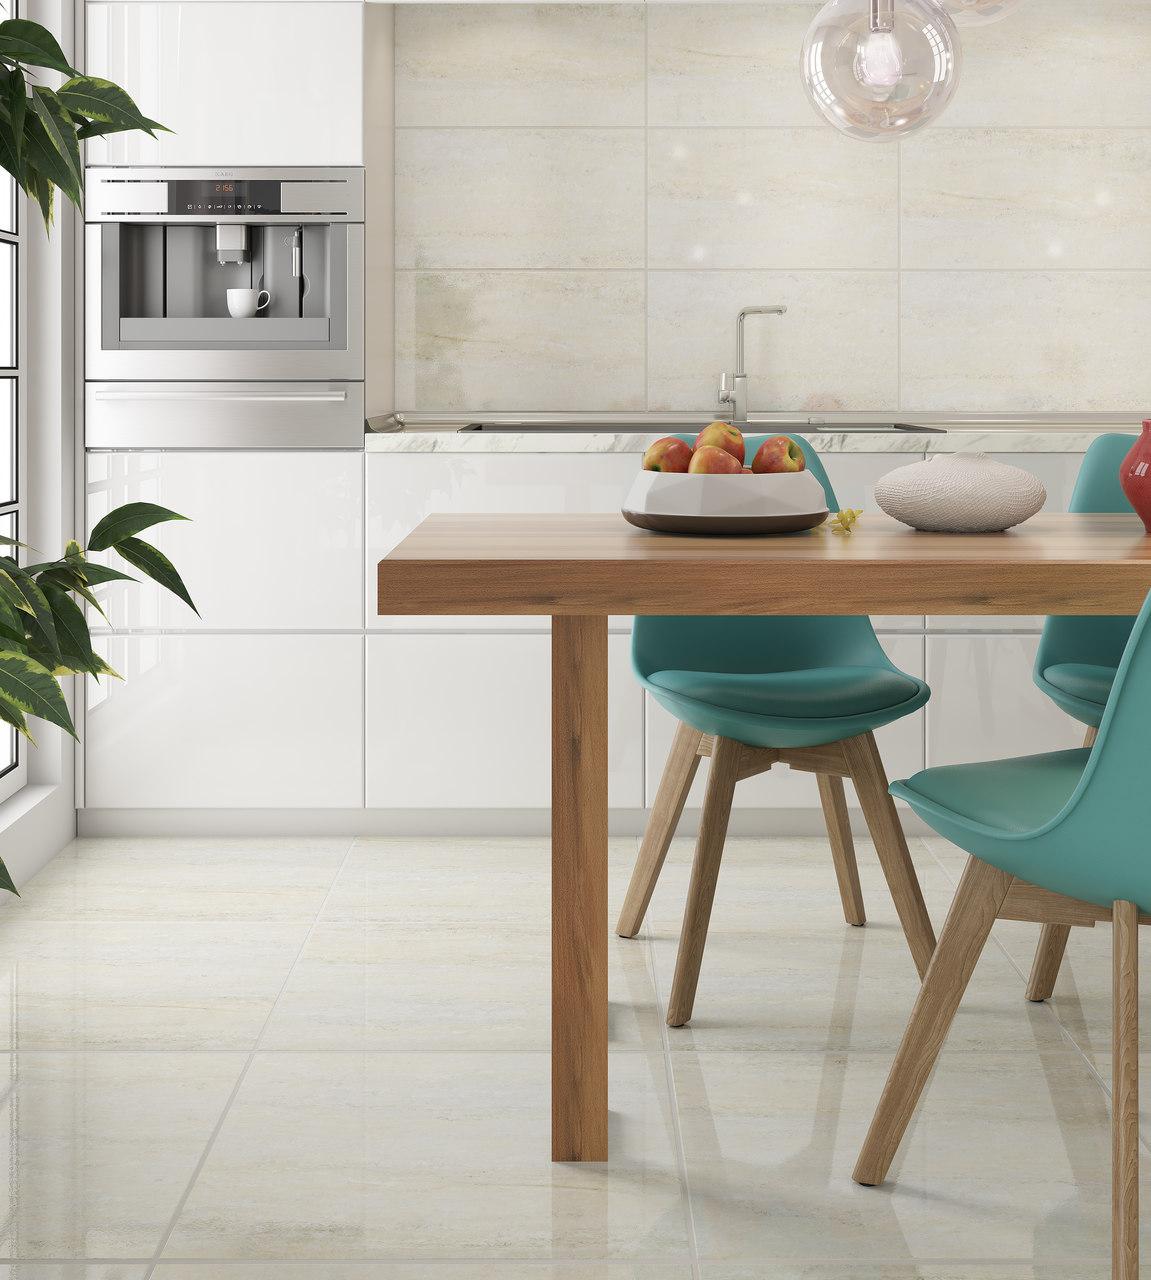 5 dicas para escolher a cor ideal para o piso da sua cozinha